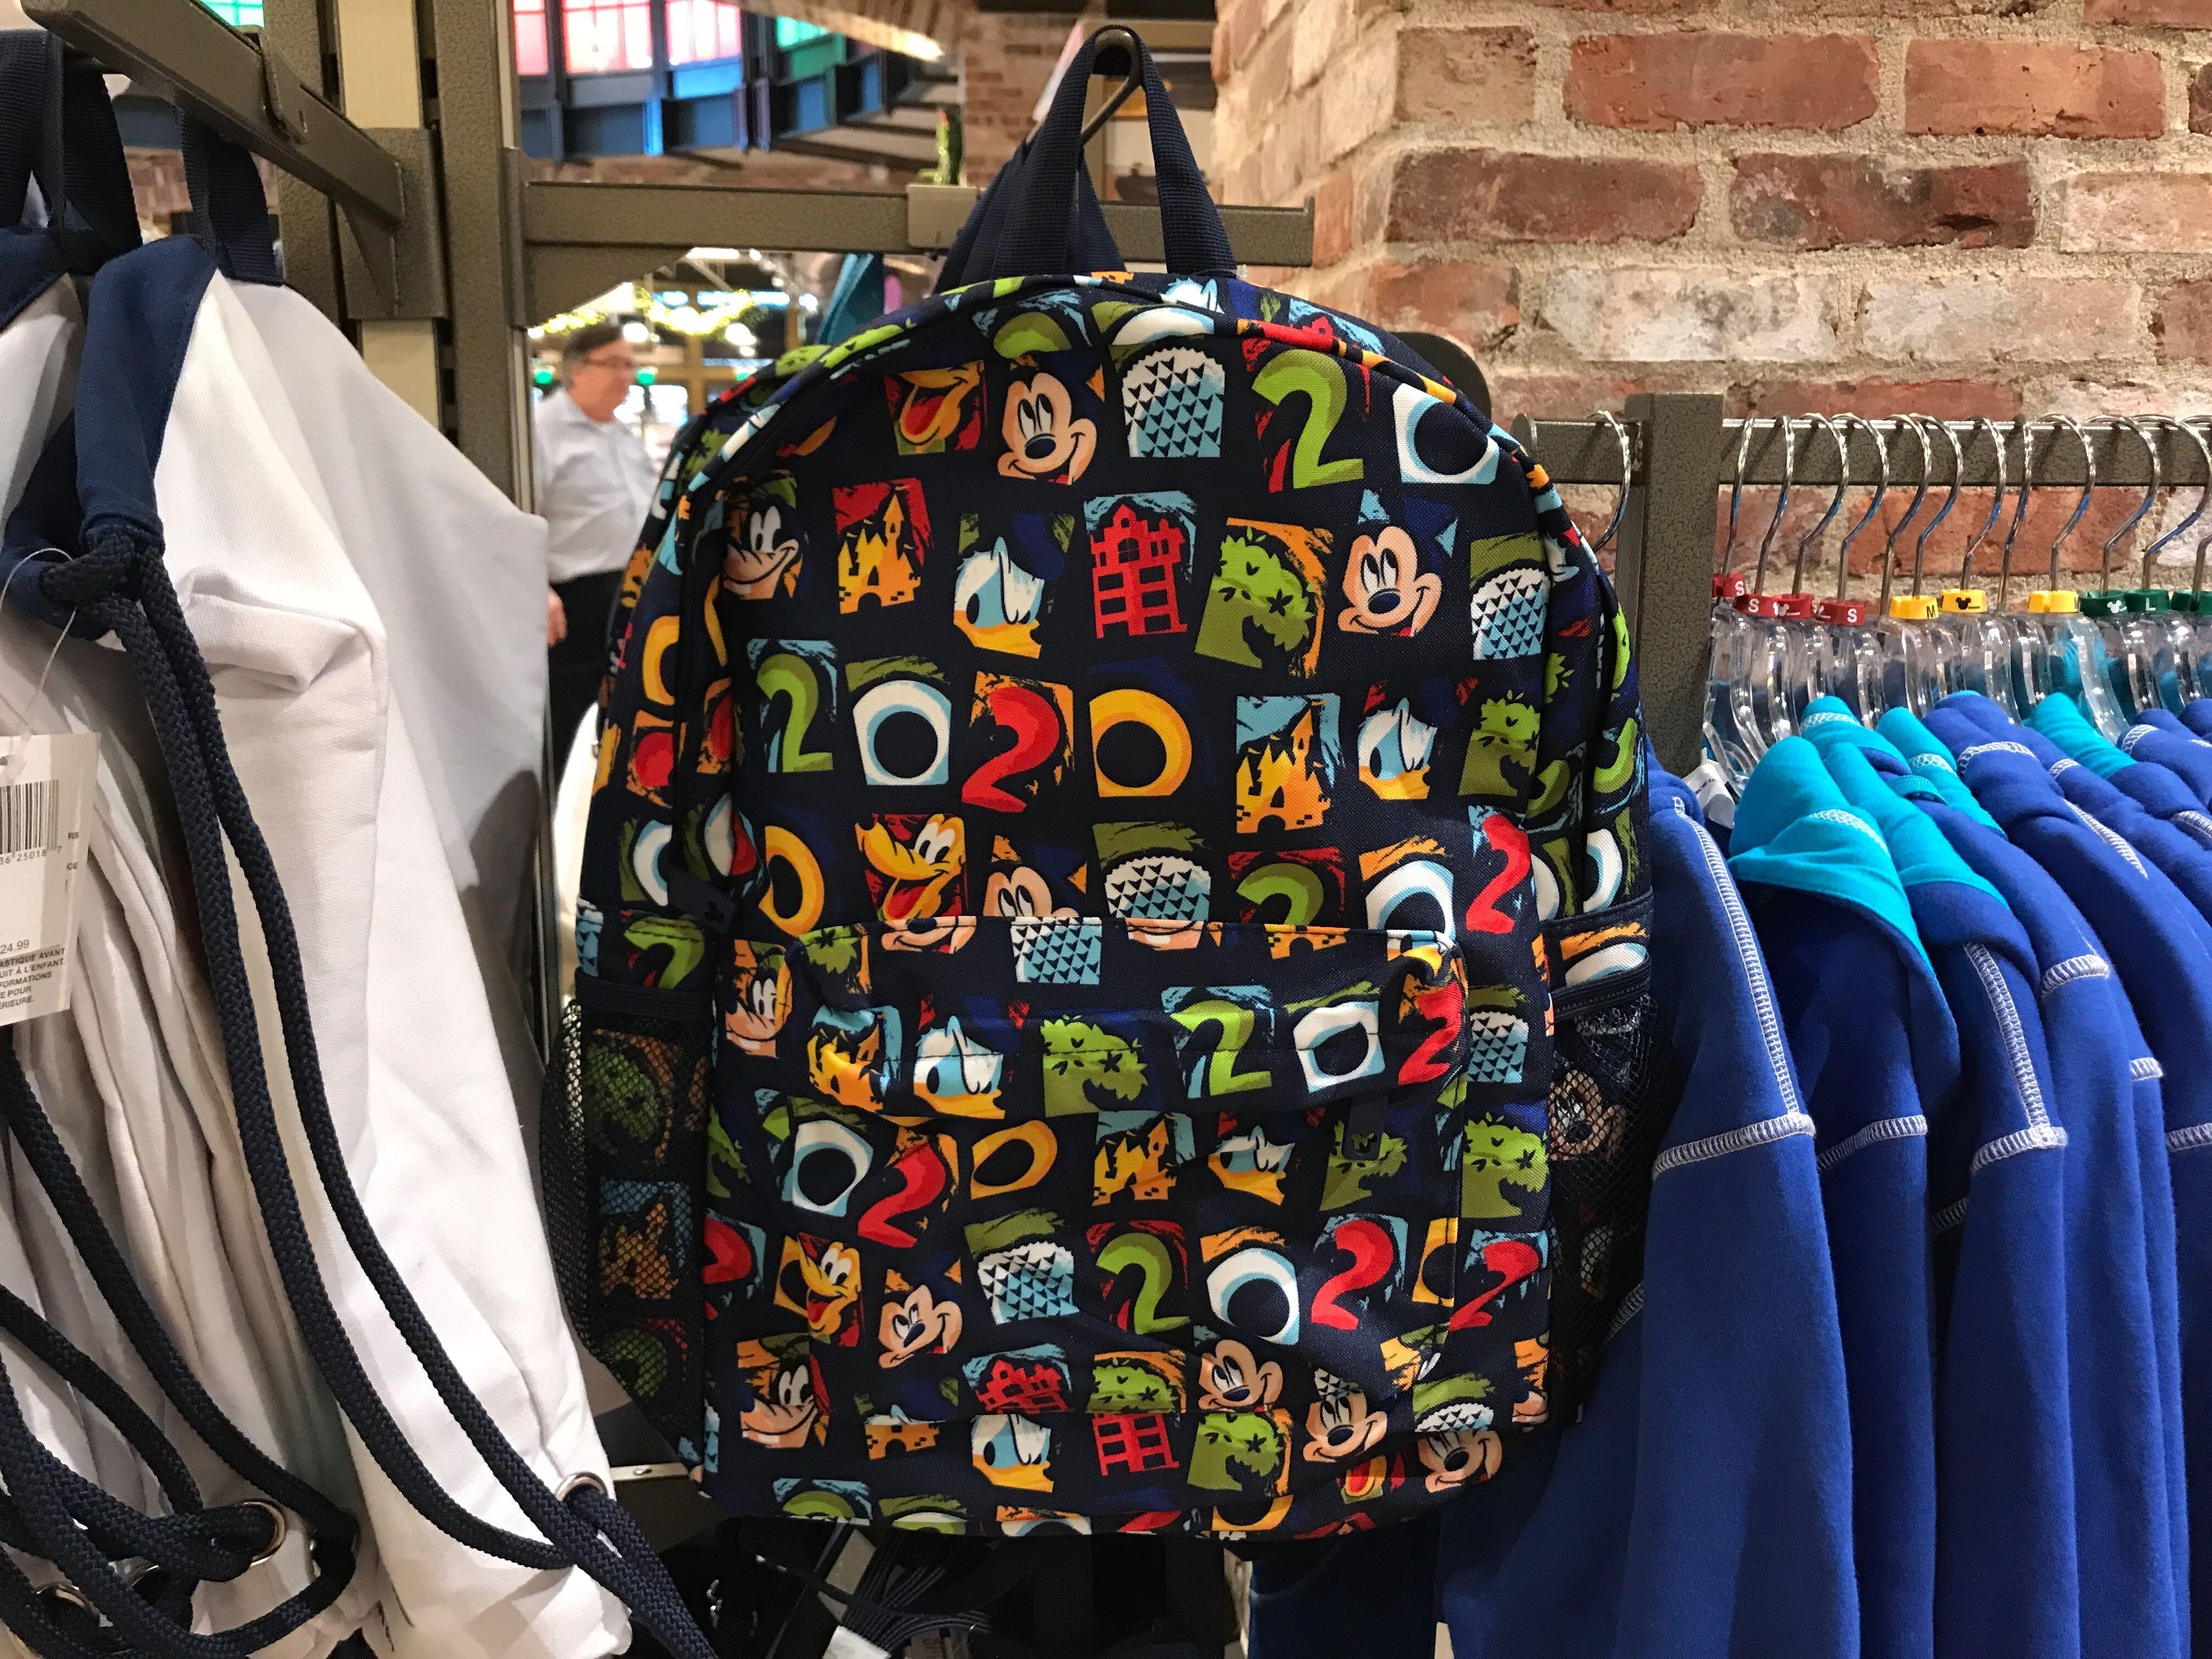 Backpack - $39.99